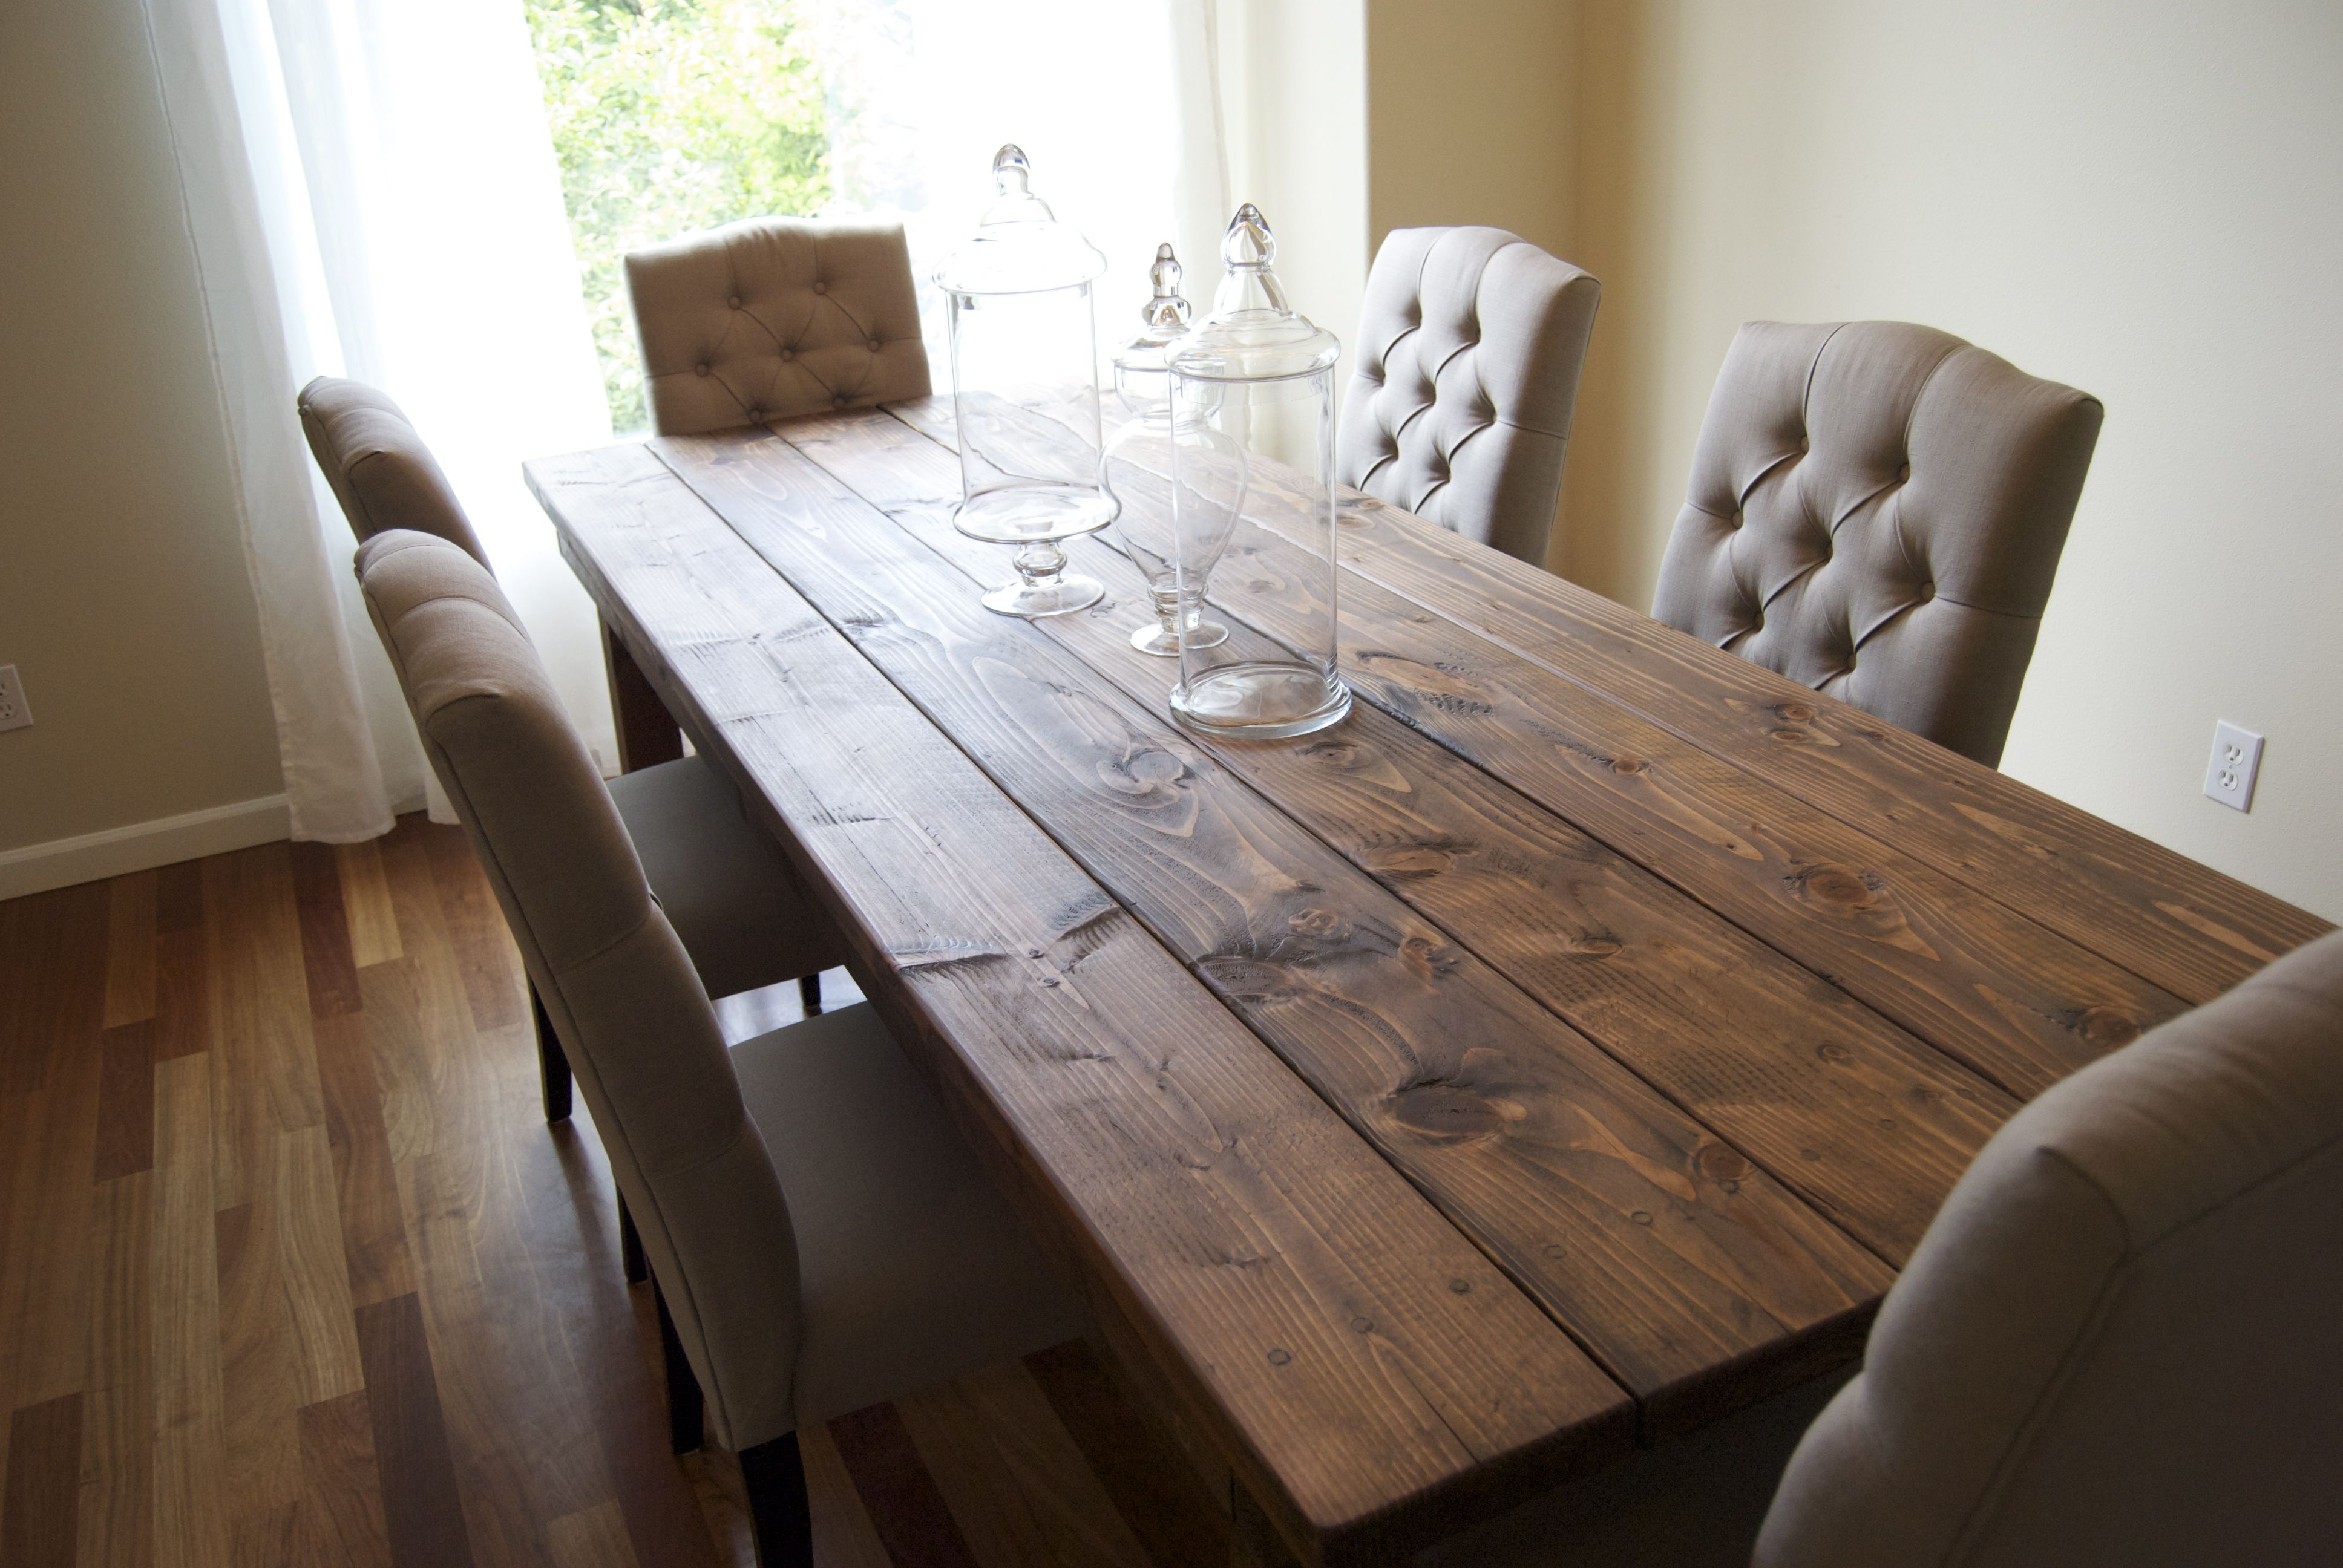 Interior , Cozy Rustic Farmhouse Table : Cozy Sofa With